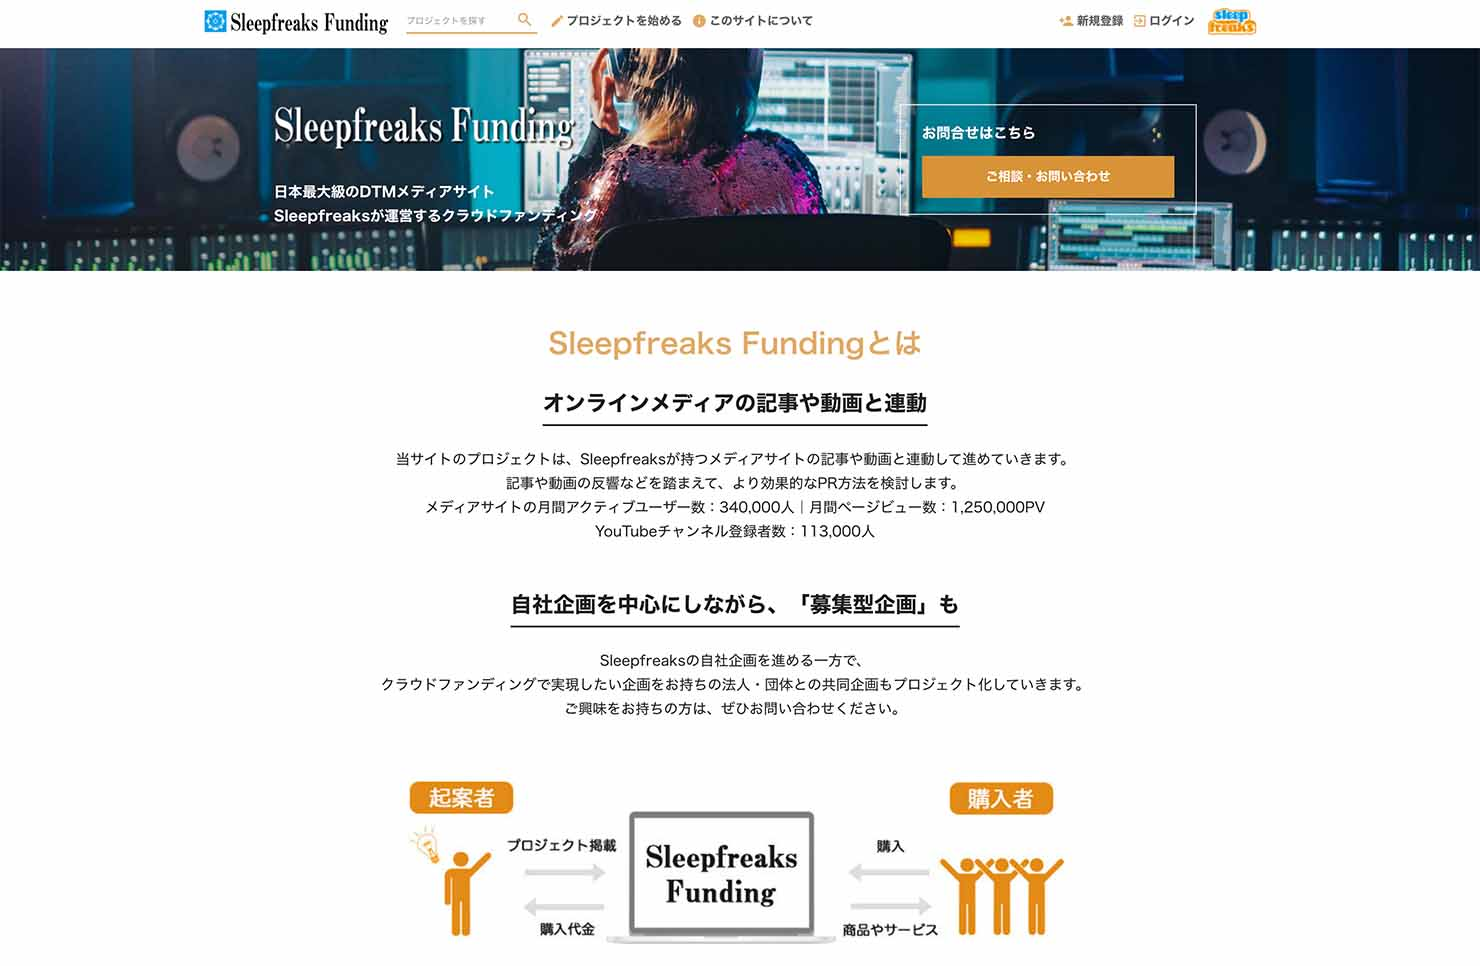 Sleepfreaks-Funding-1